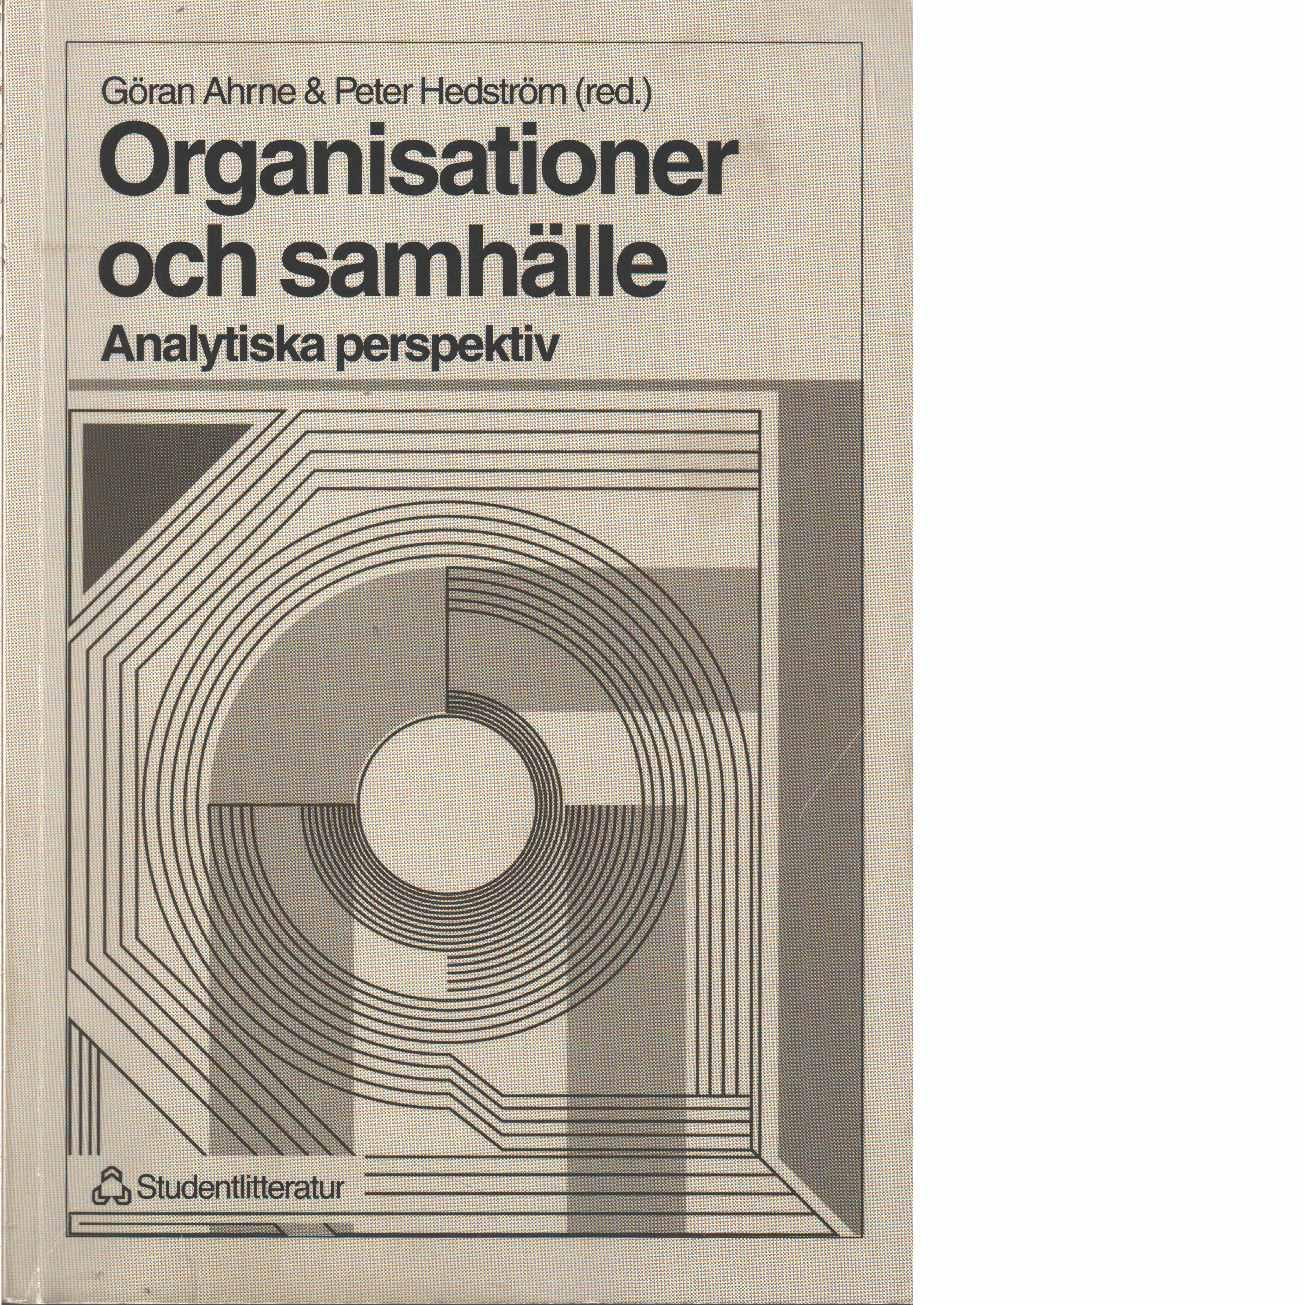 Organisationer och samhälle : analytiska perspektiv - Red.